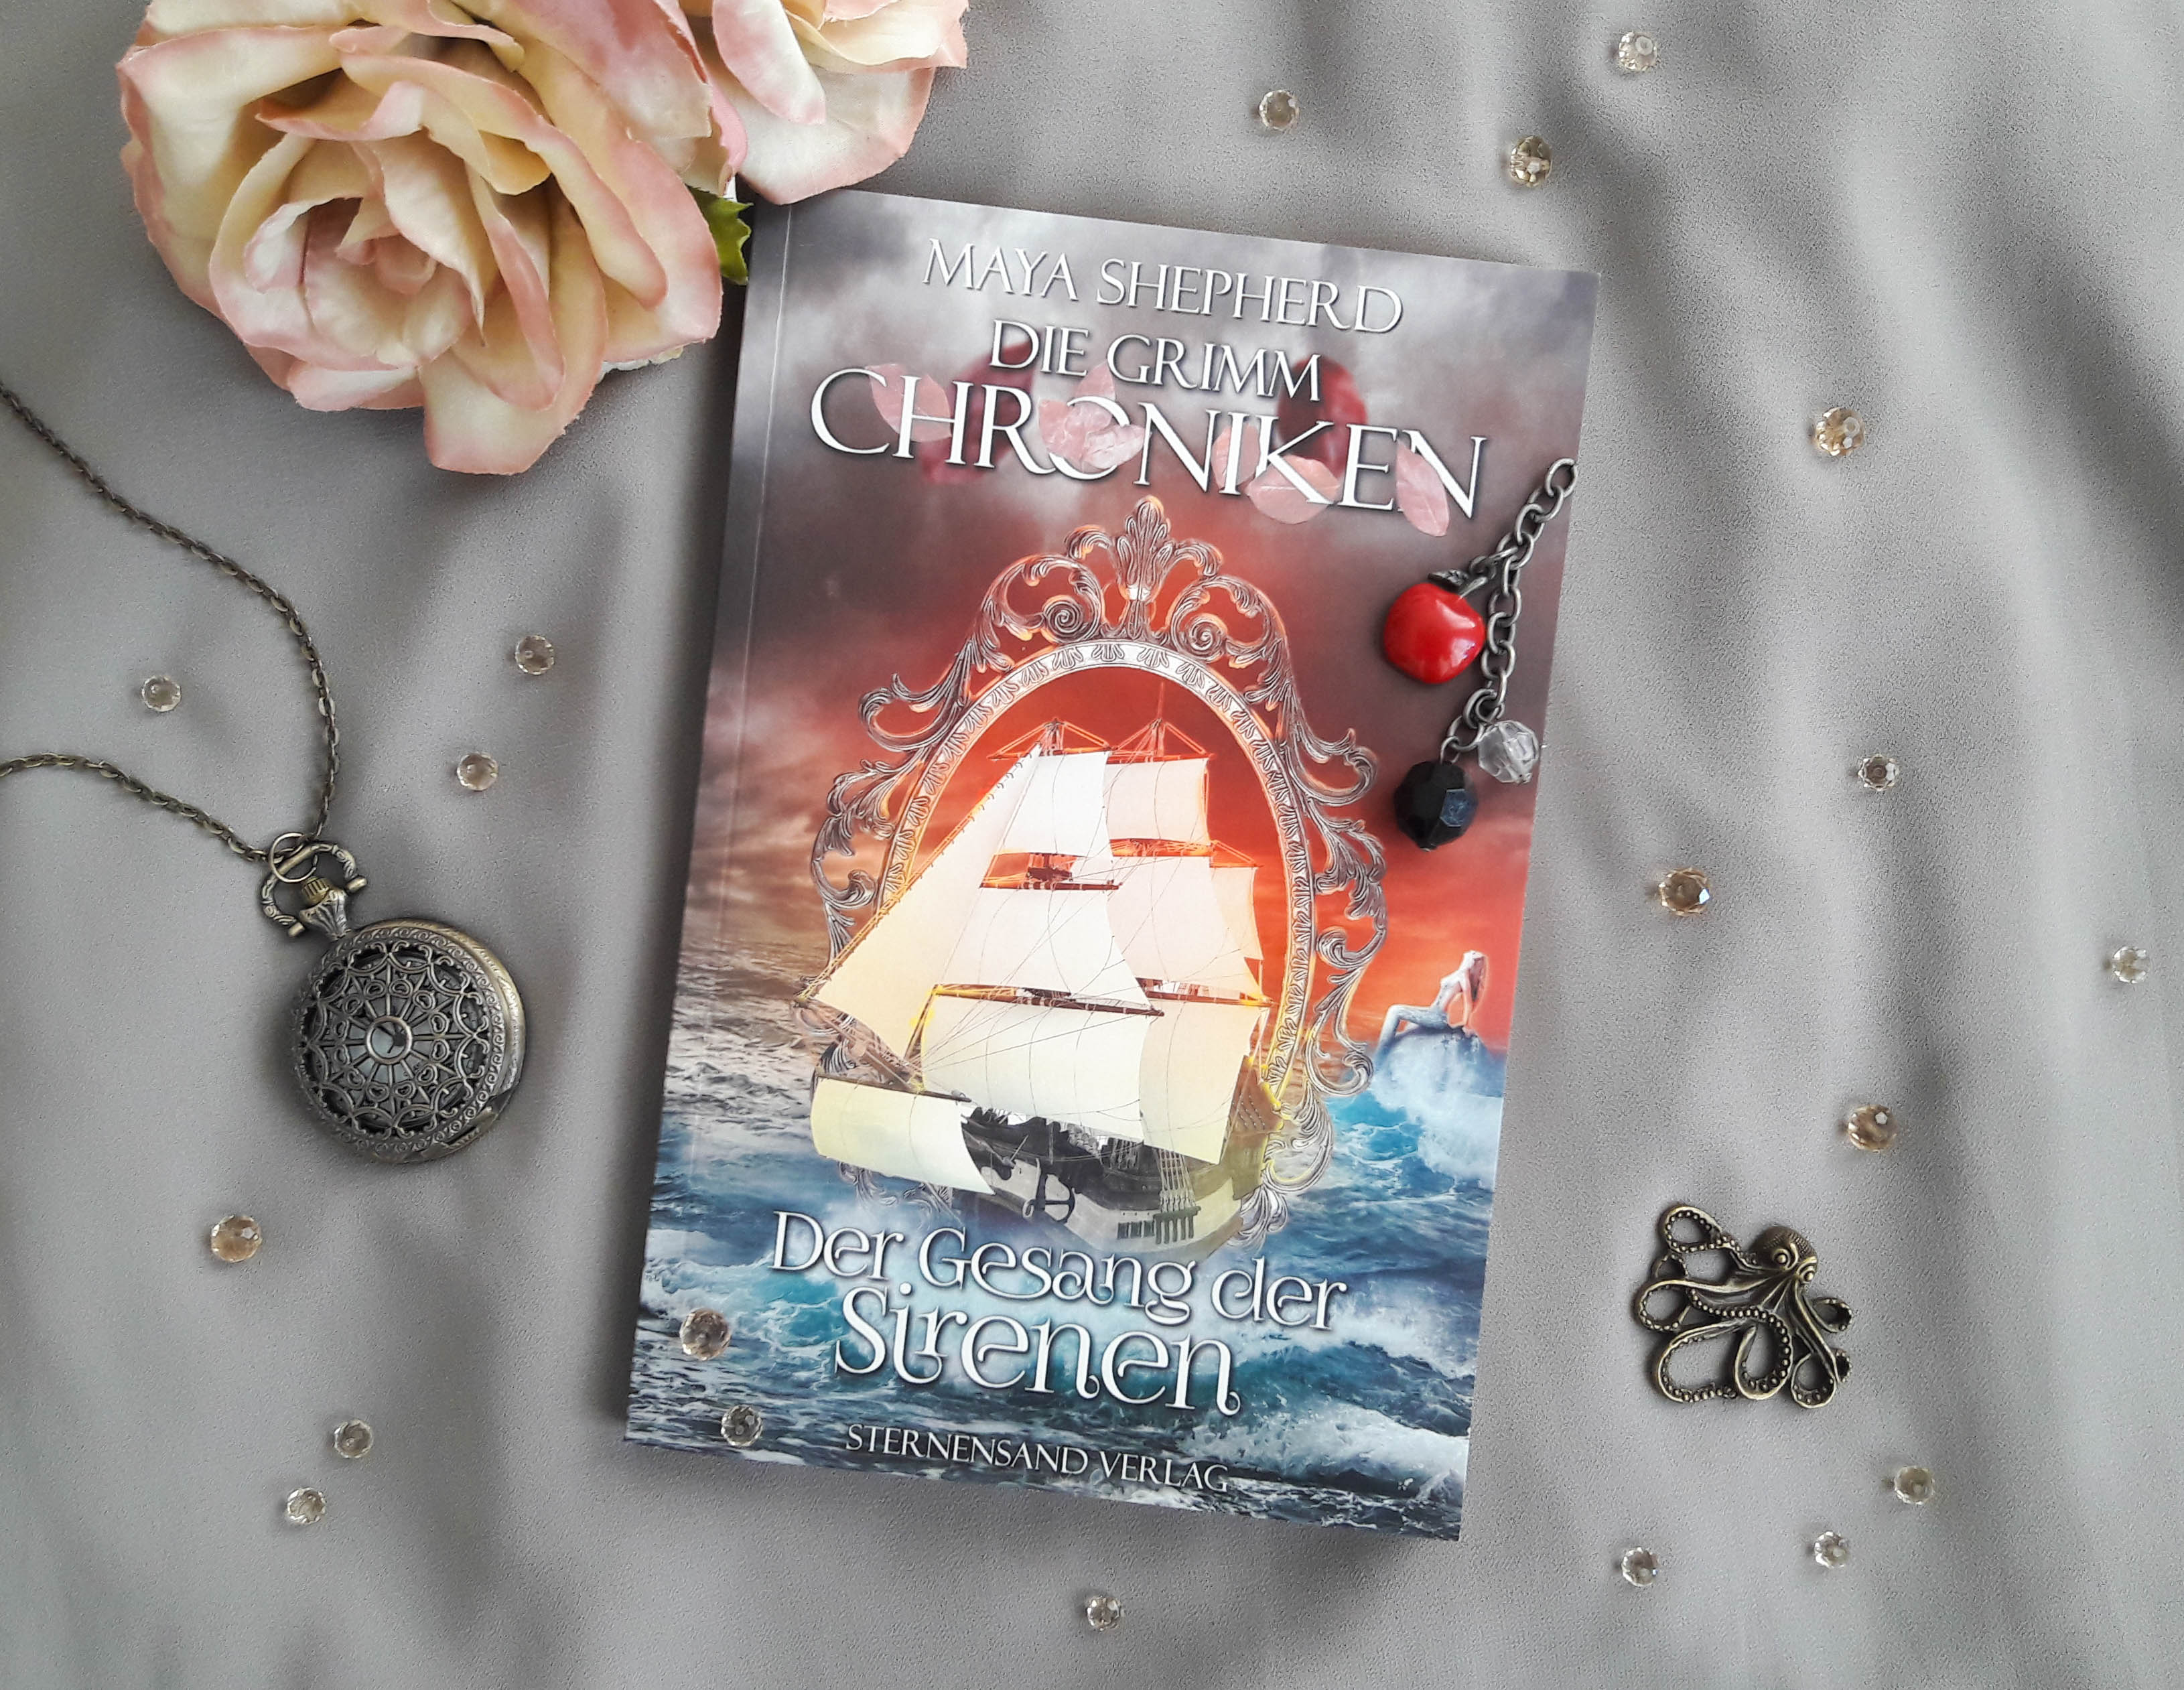 Die Grimm-Chroniken: Der Gesang der Sirenen – Maya Shepherd graphic